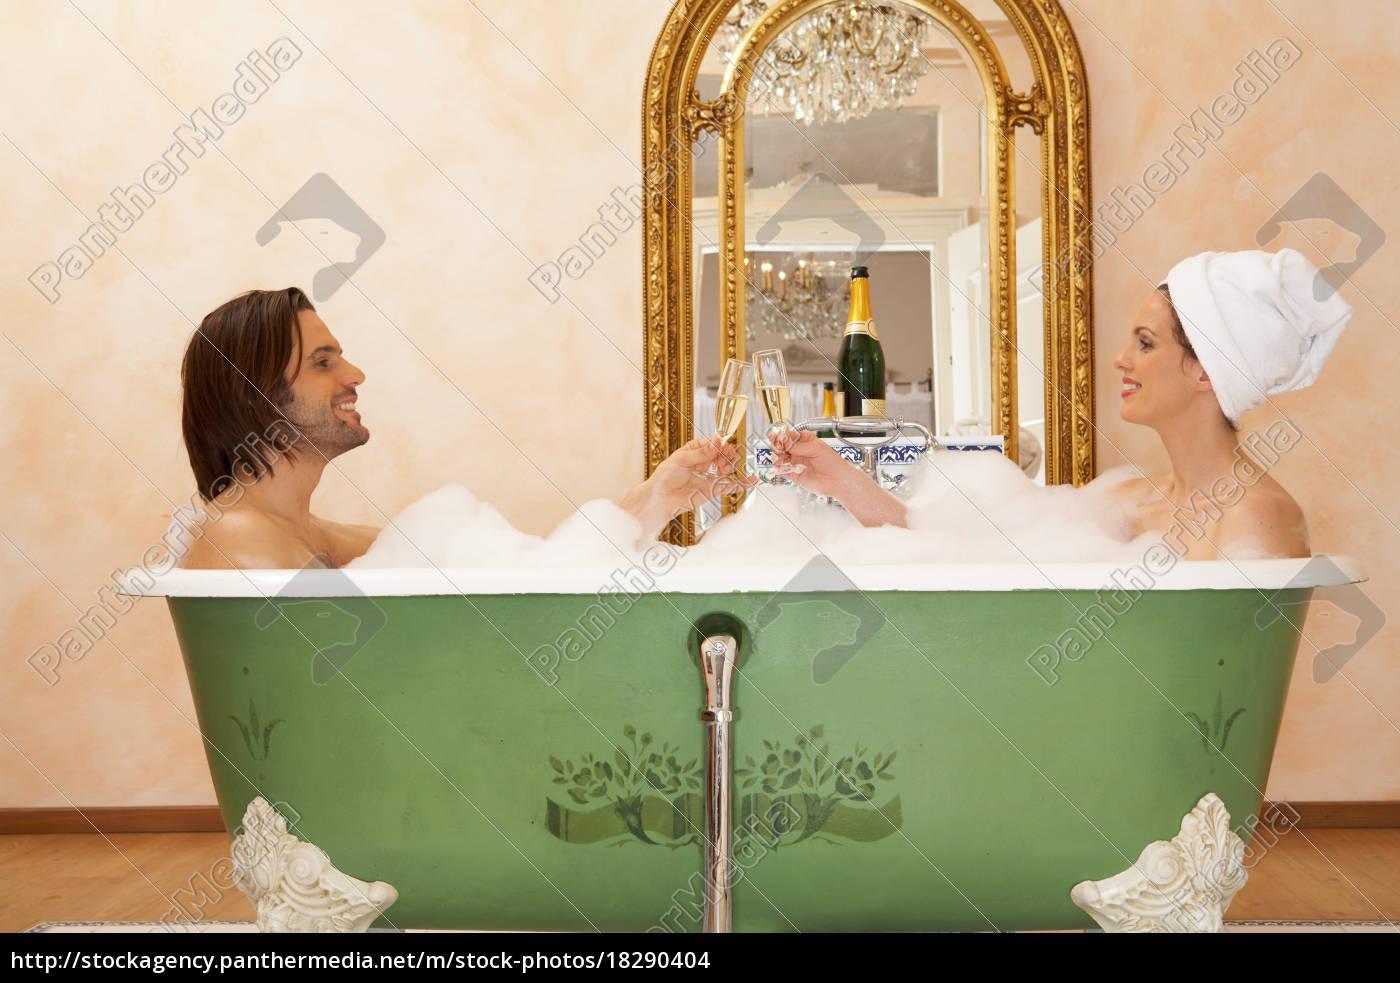 junges, paar, sitzt, im, badetuch - 18290404